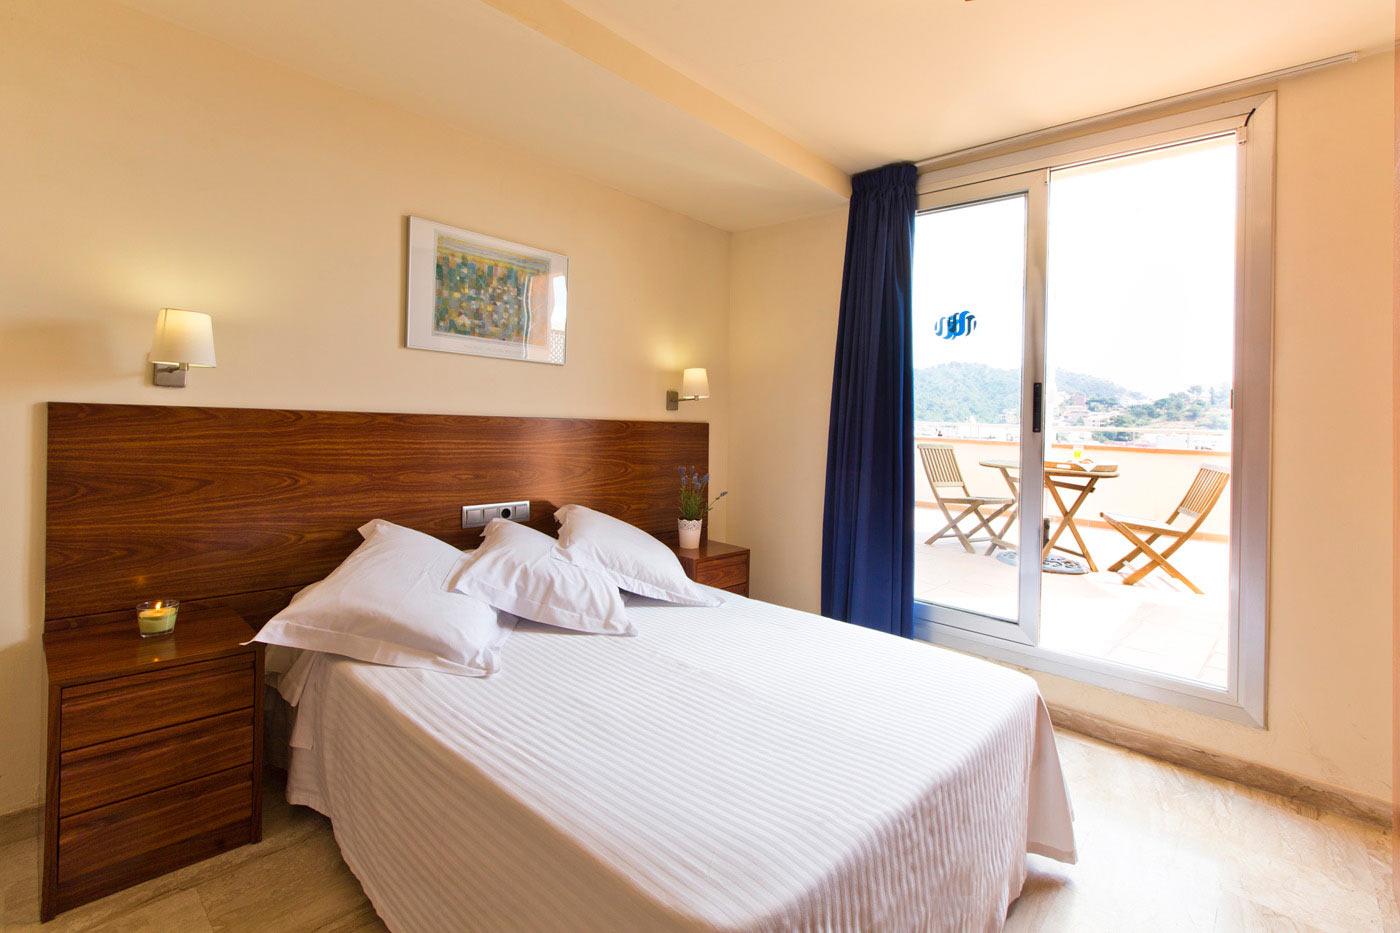 Bed breakfast costa brava hotel turissa tossa de mar for By h mobiliario